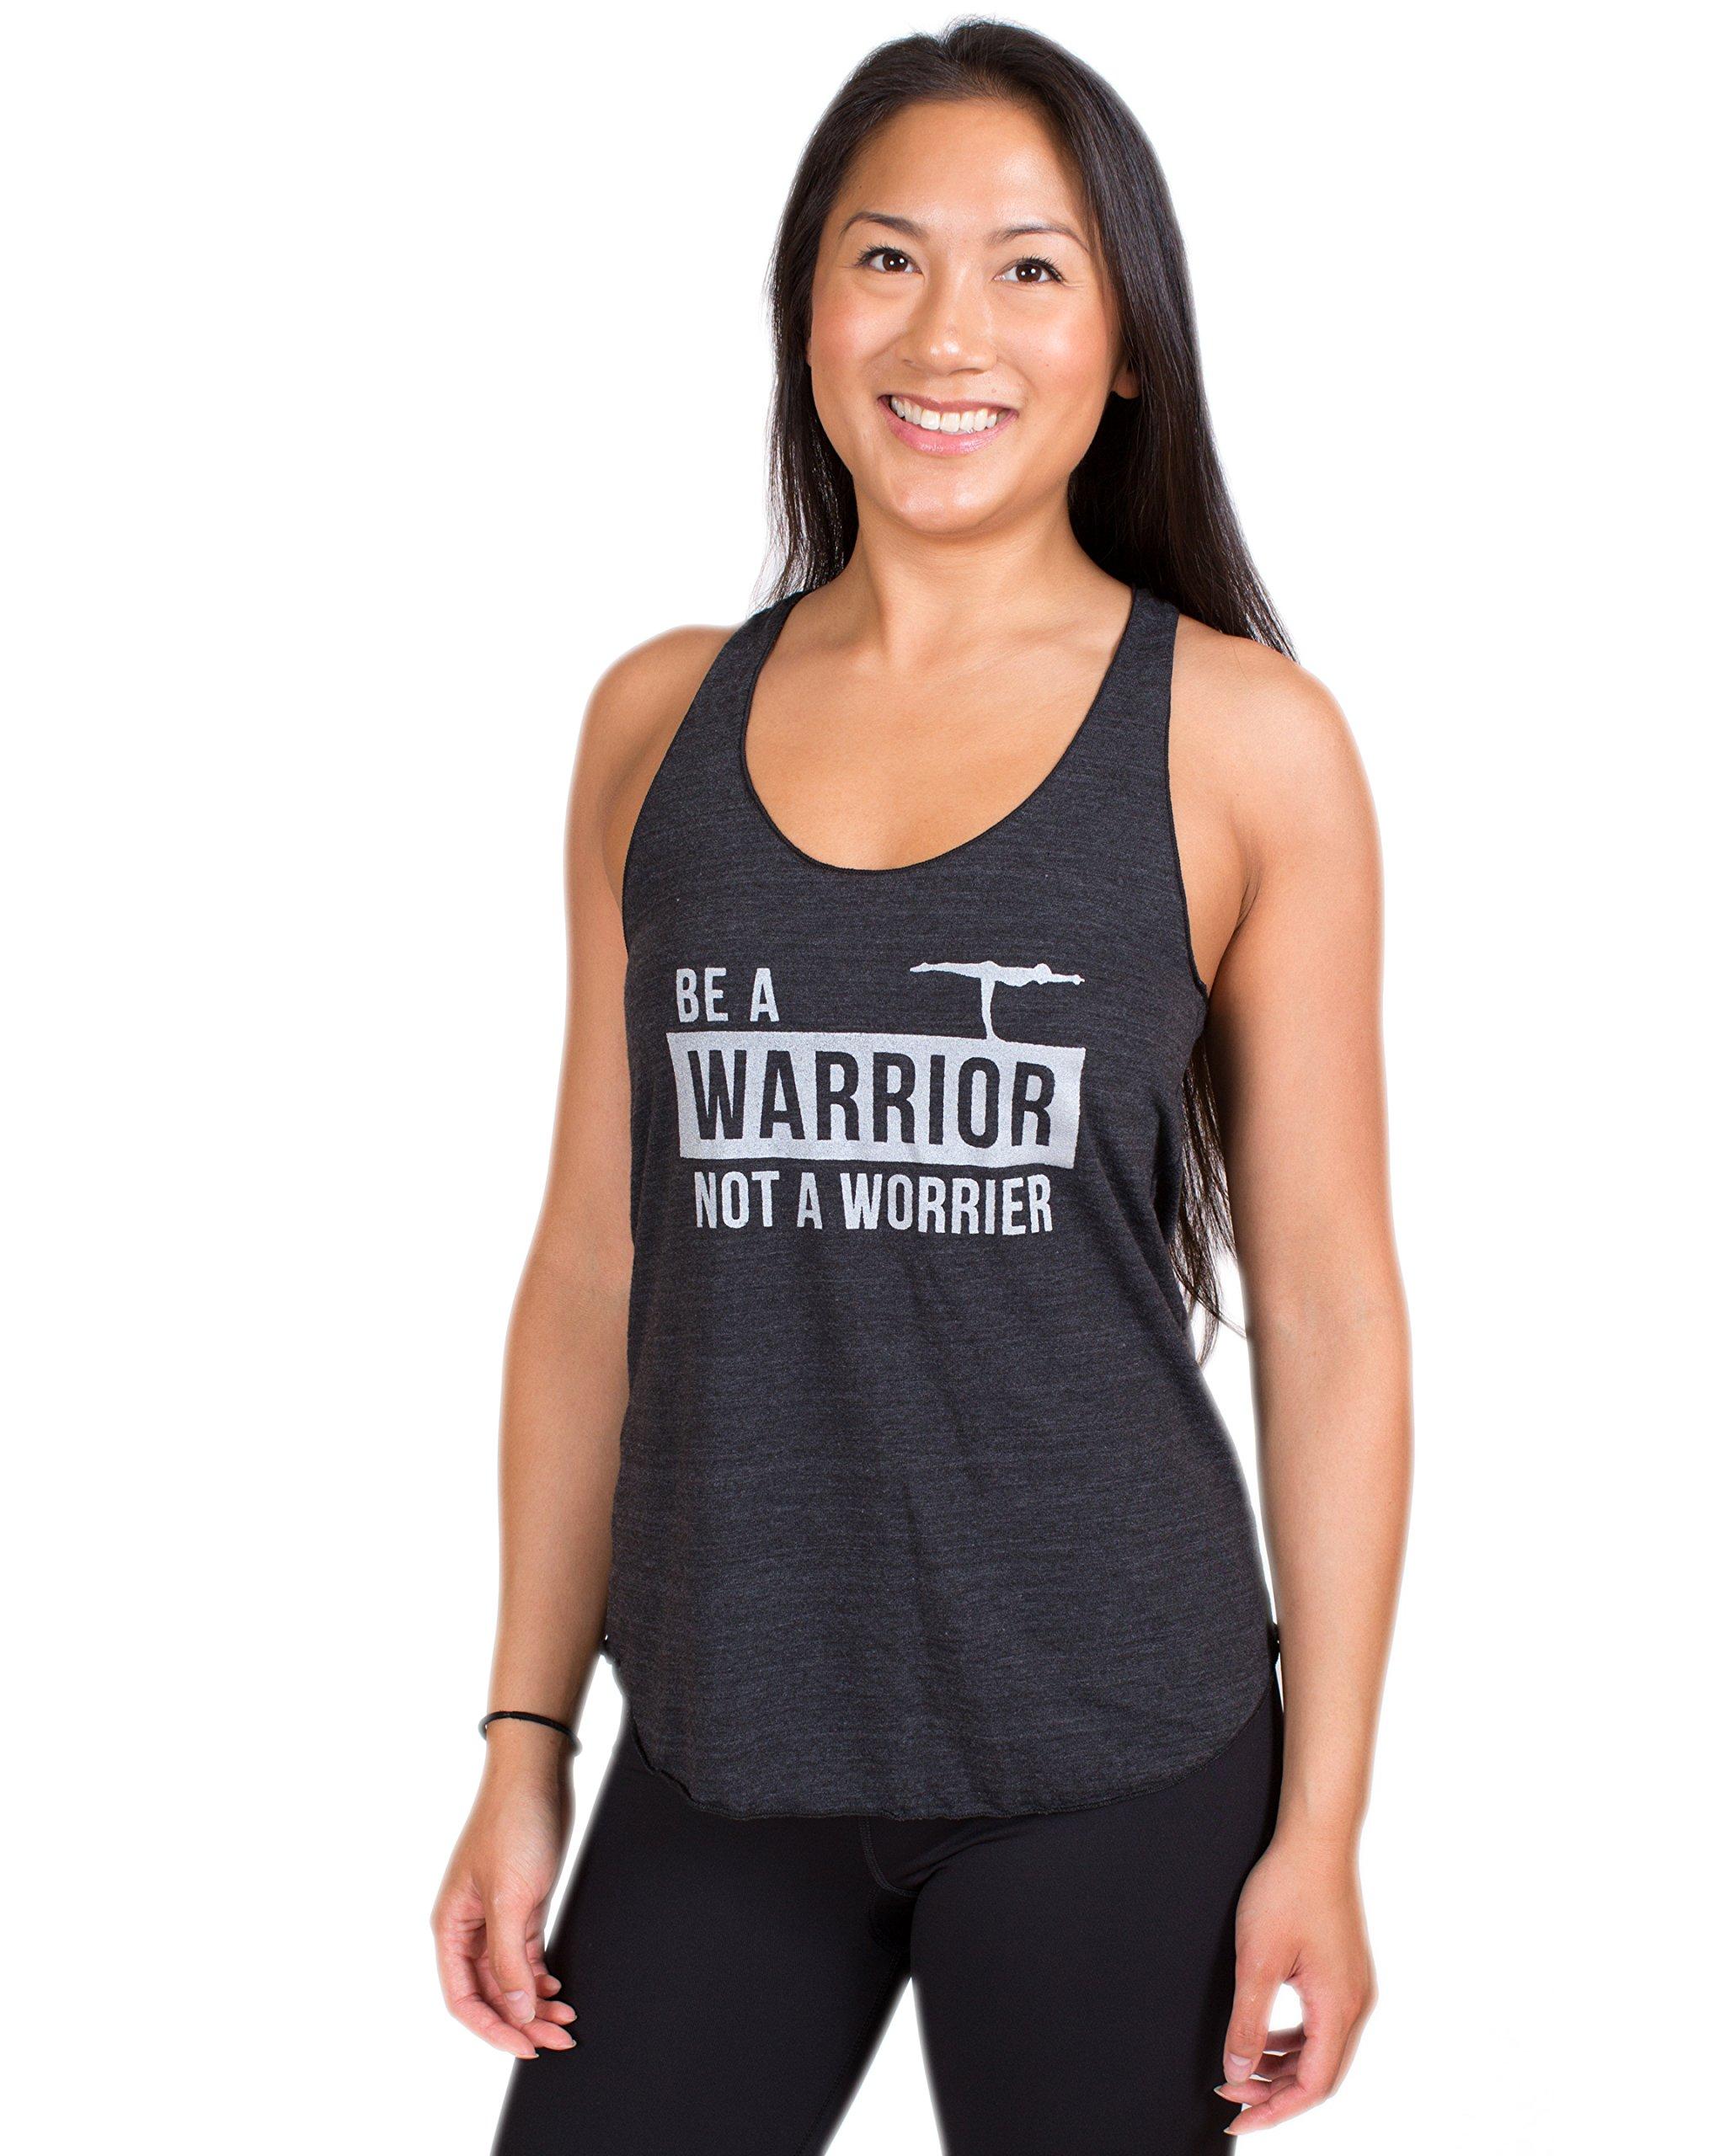 Inner Fire - Be A Warrior Not A Worrier - Tri-Black - Women's Yoga Tank - Medium